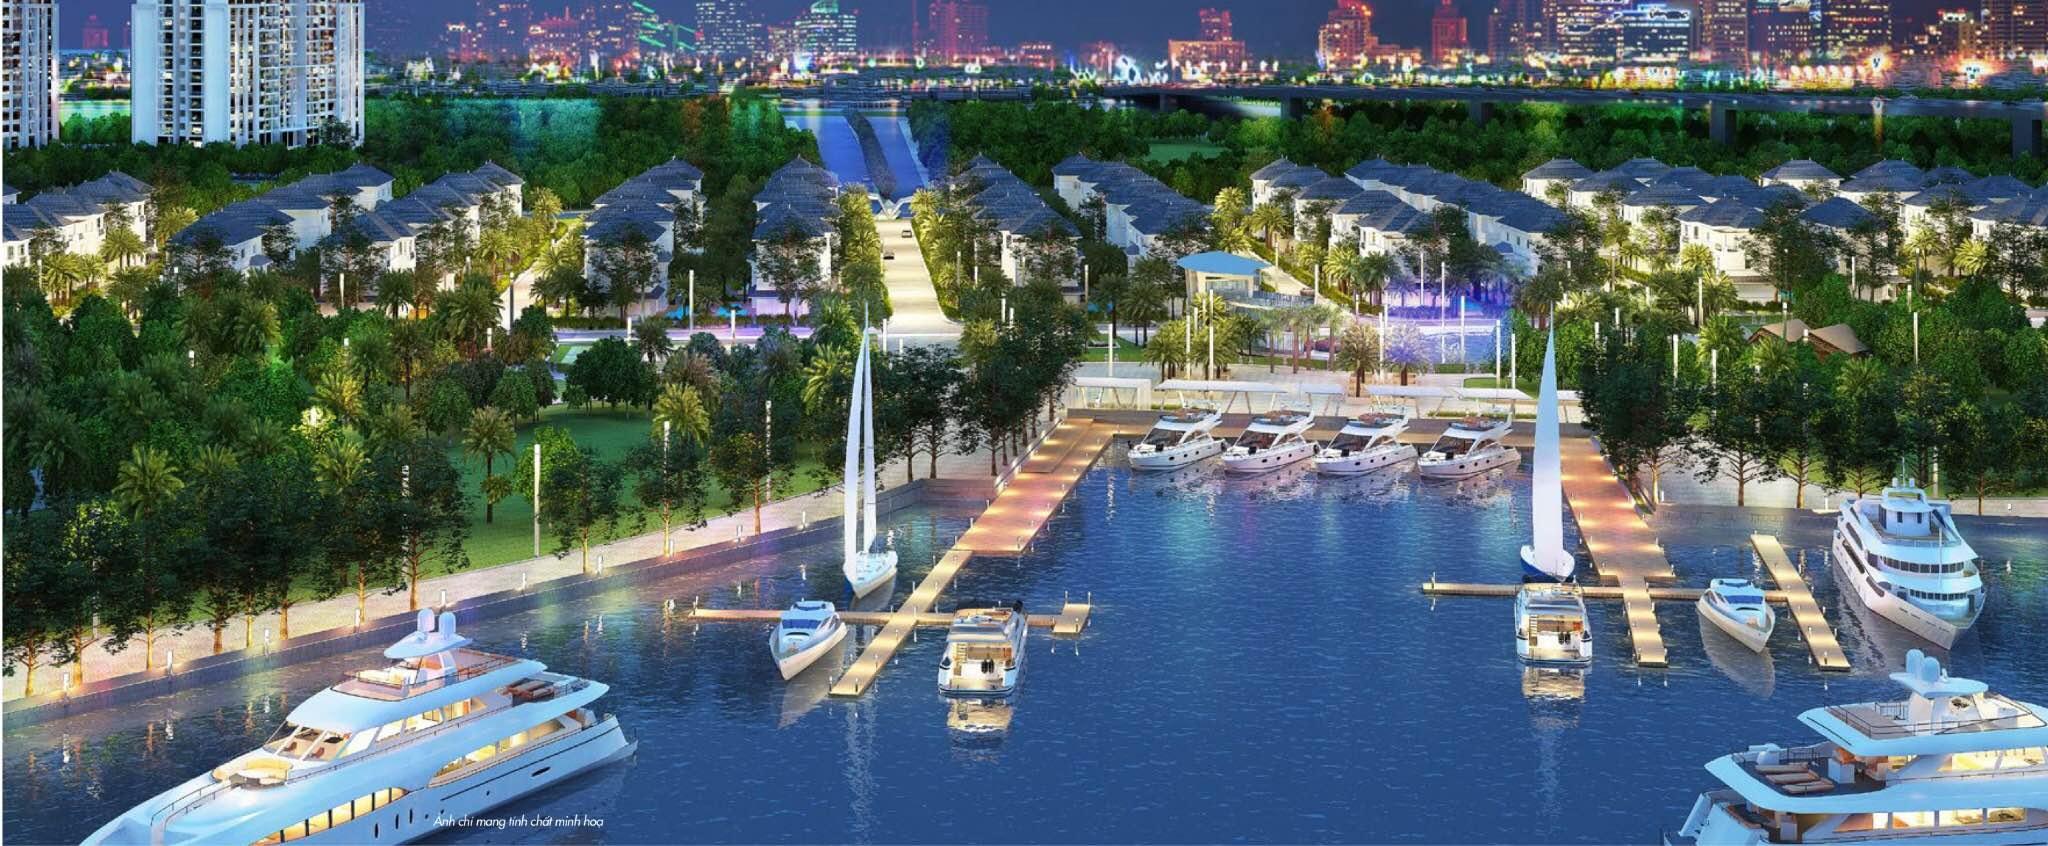 Bên cạnh khu biệt thự là bến du thuyền sang trọng ngay sông Sài Gòn